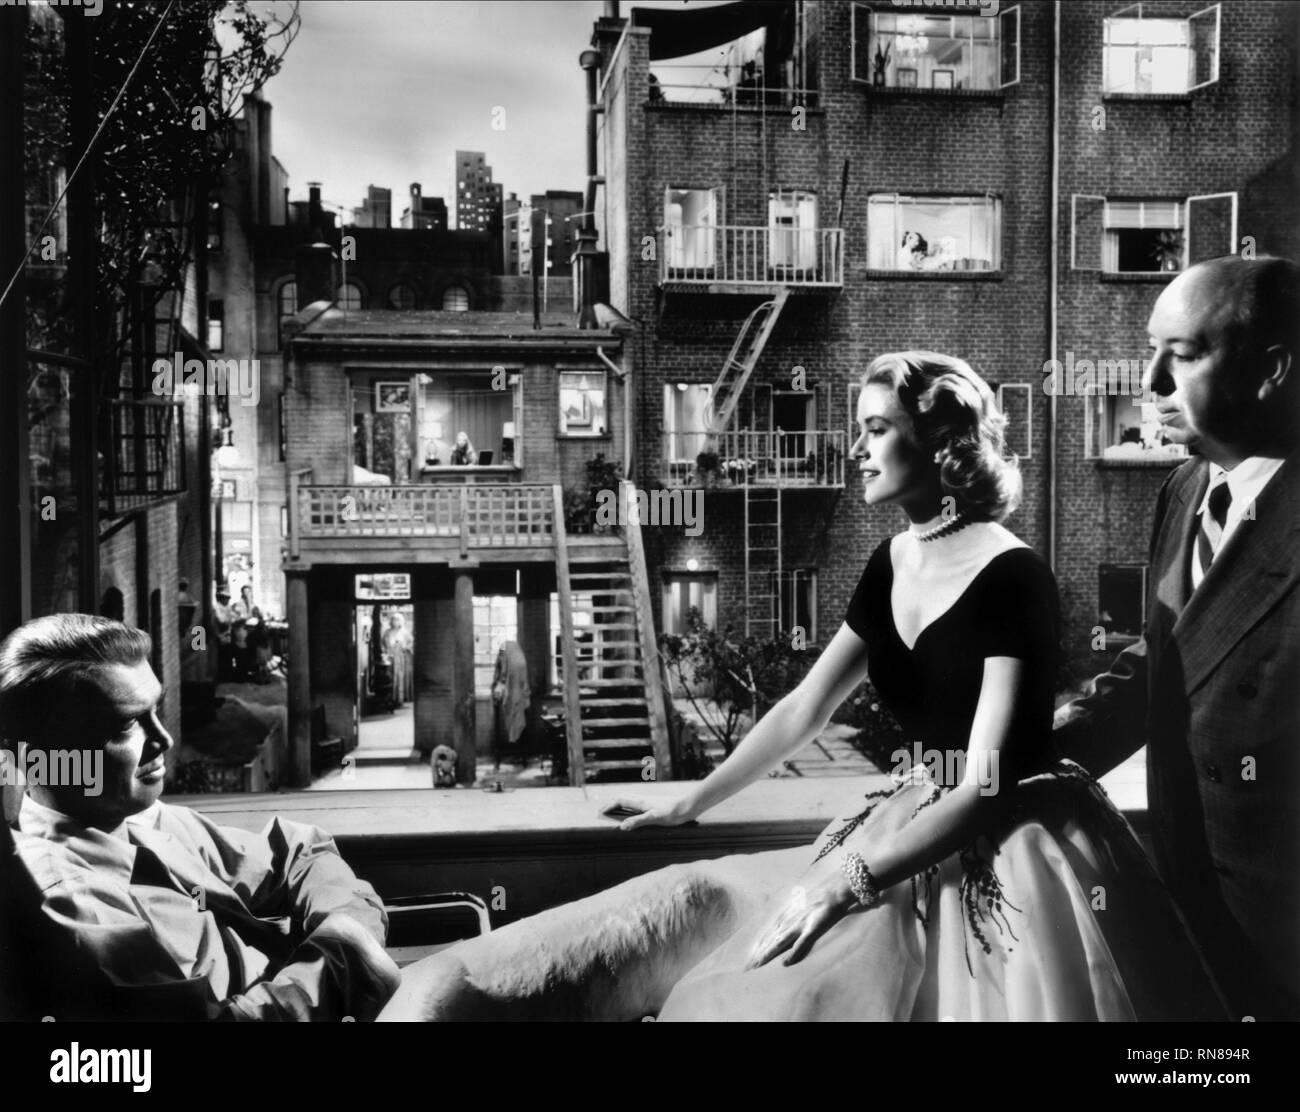 STEWART,KELLY,HITCHCOCK, REAR WINDOW, 1954 - Stock Image